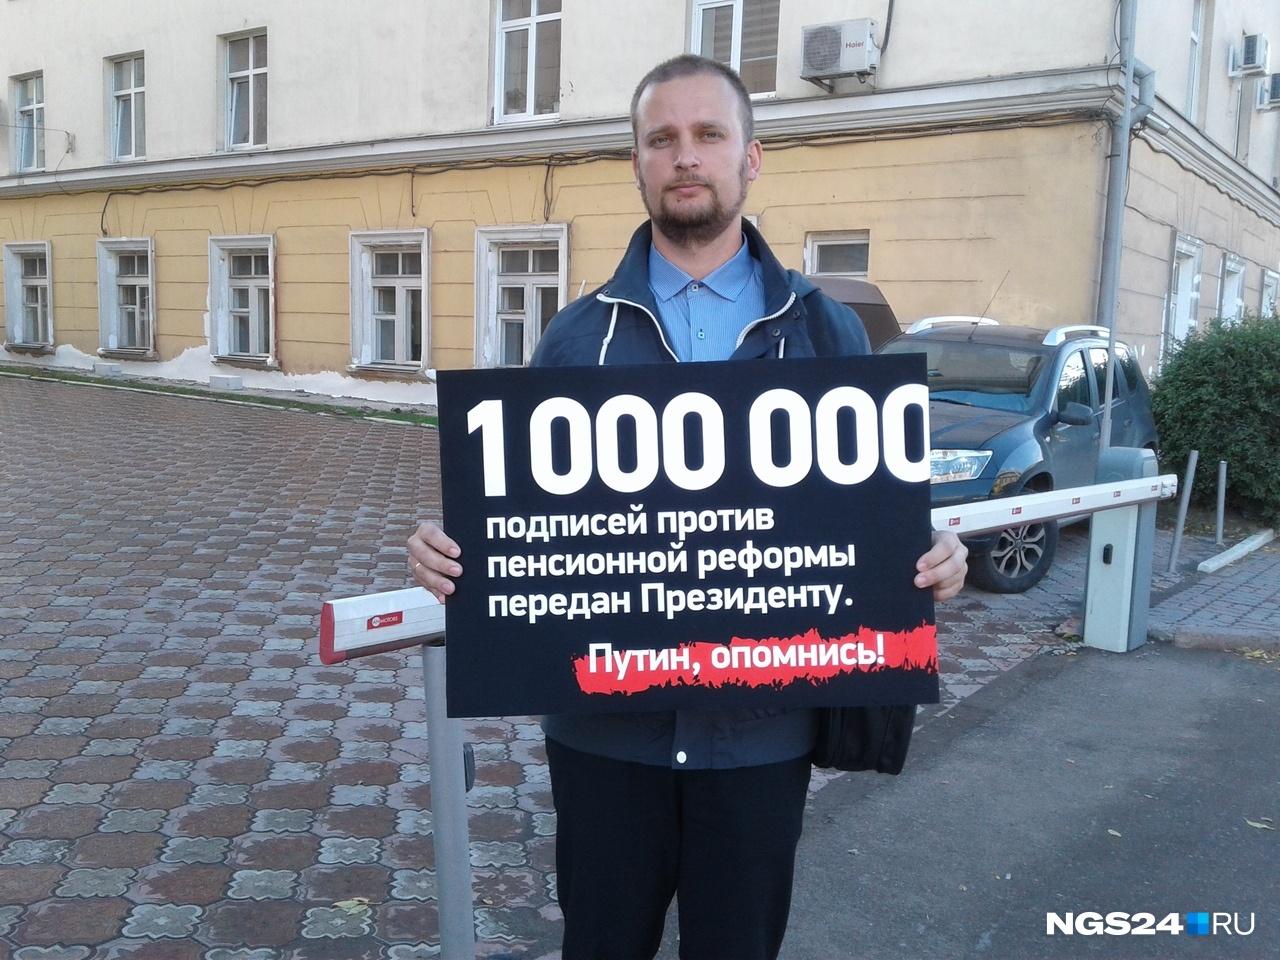 Дмитрий вышел на улицу, чтобы обратить внимание горожан и СМИ